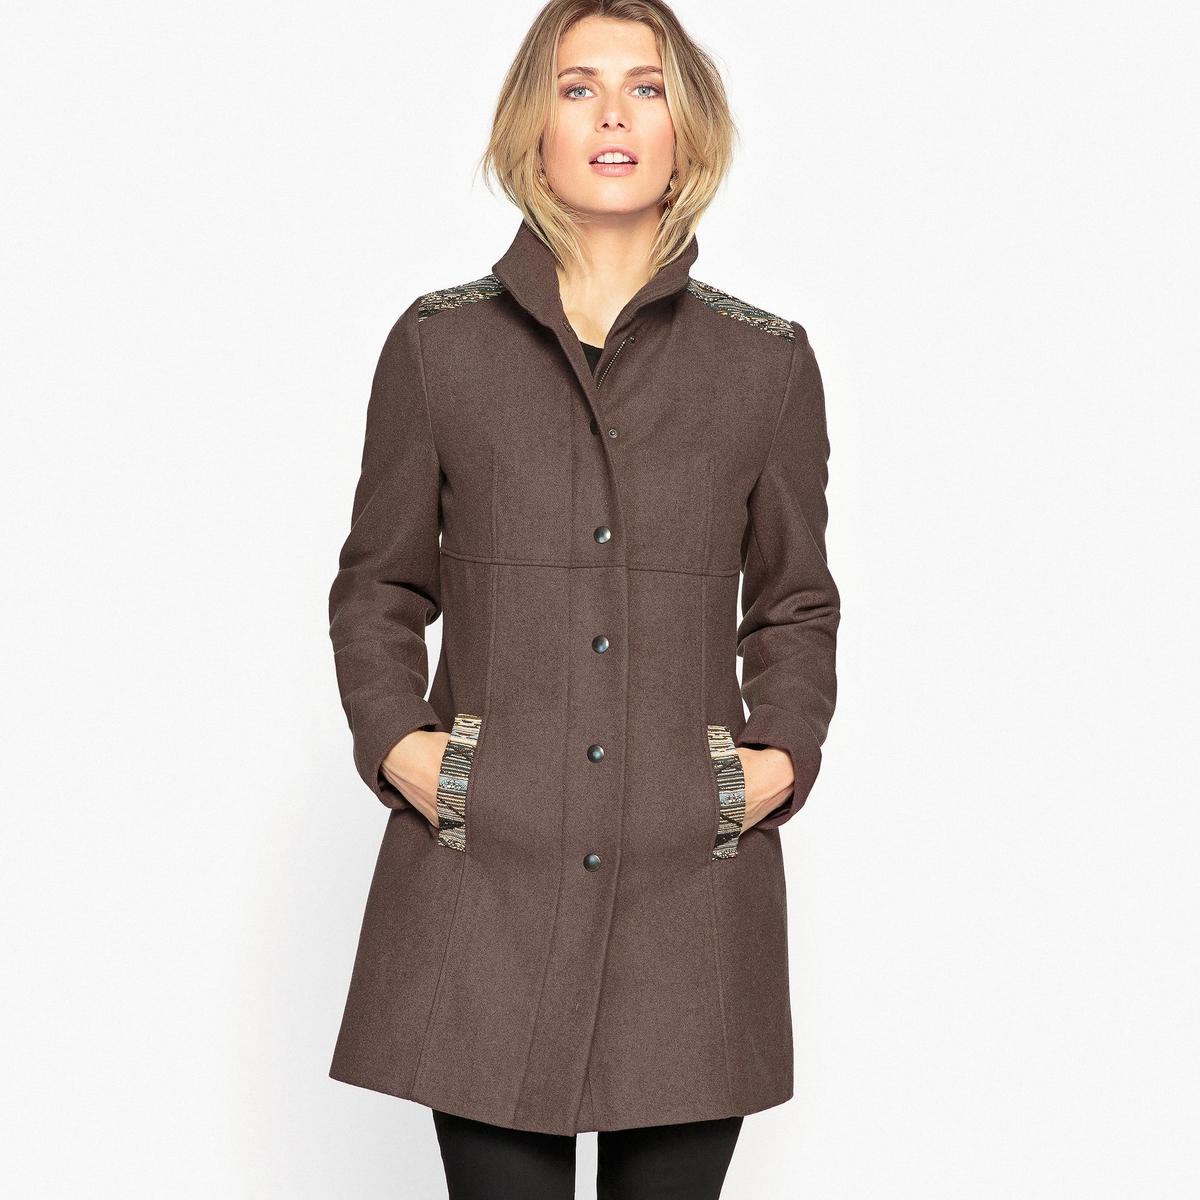 Пальто из шерстяного драпаОригинальное теплое пальто со вставками спереди и сзади. Швы спереди и сзади. Застежка на красивые пуговицы. Длина ок. 80 см.Детали •  Длина : средняя •  Воротник-стойка • Застежка на пуговицыСостав и уход •  20% шерсти, 10% других волокон, 70% полиэстера •  Подкладка  : 100% полиэстер • Не стирать •  Деликатная сухая чистка / не отбеливать •  Не использовать барабанную сушку   •  Низкая температура глажки<br><br>Цвет: каштановый